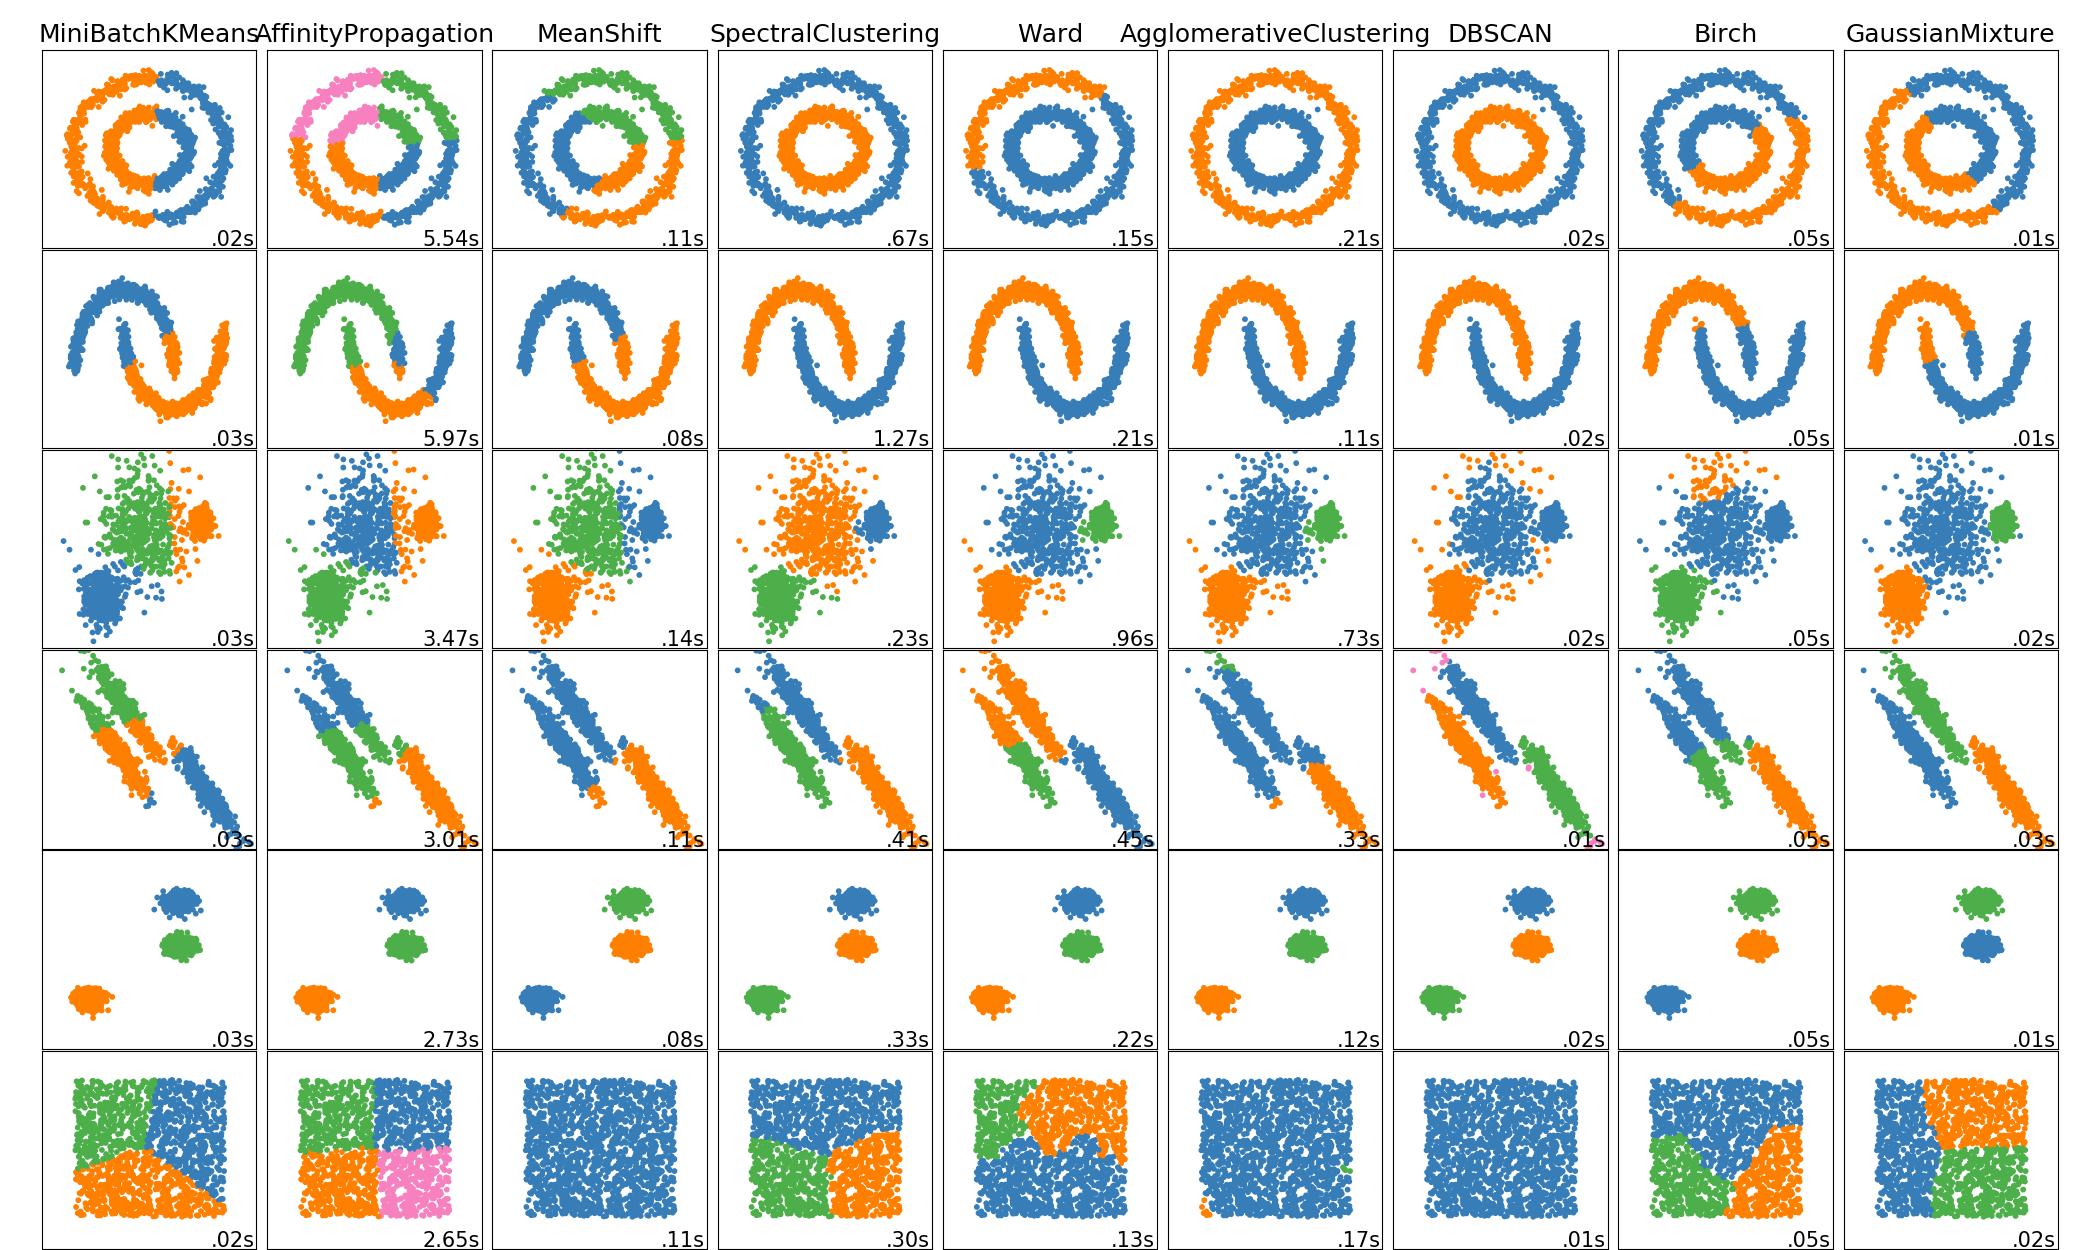 sphx_glr_plot_cluster_comparison_0011